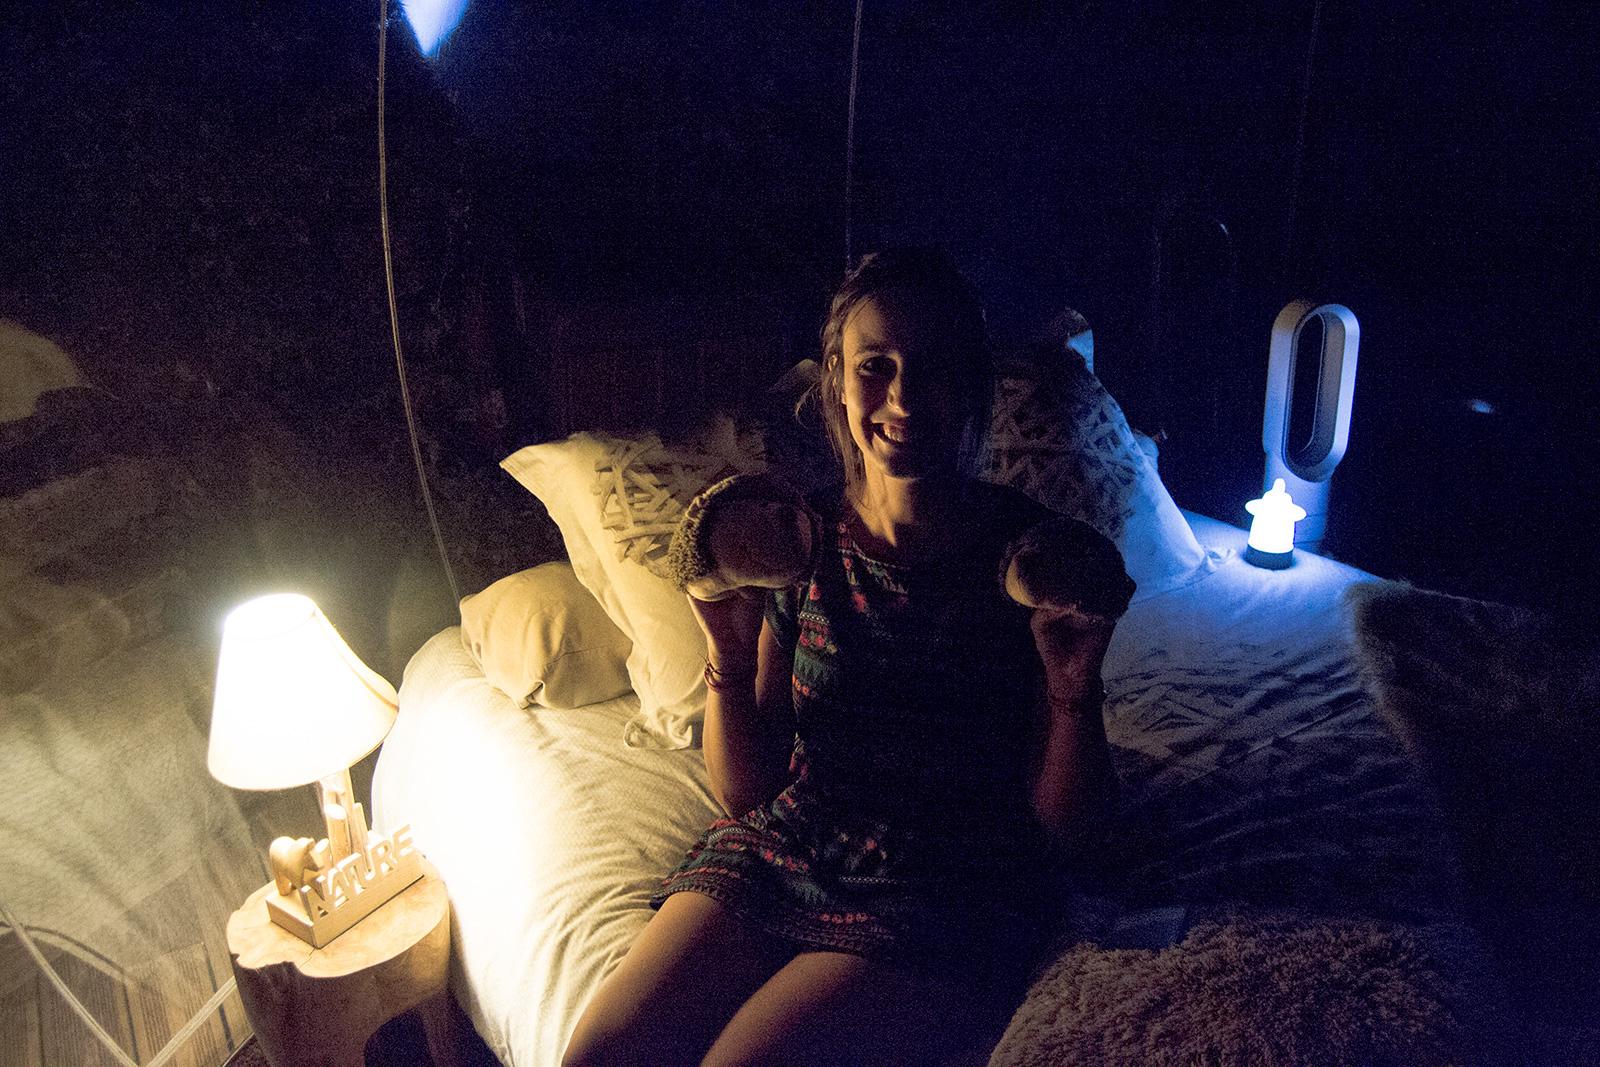 Dormir bajo las estrellas - domir en una burbuja Attrap'reves